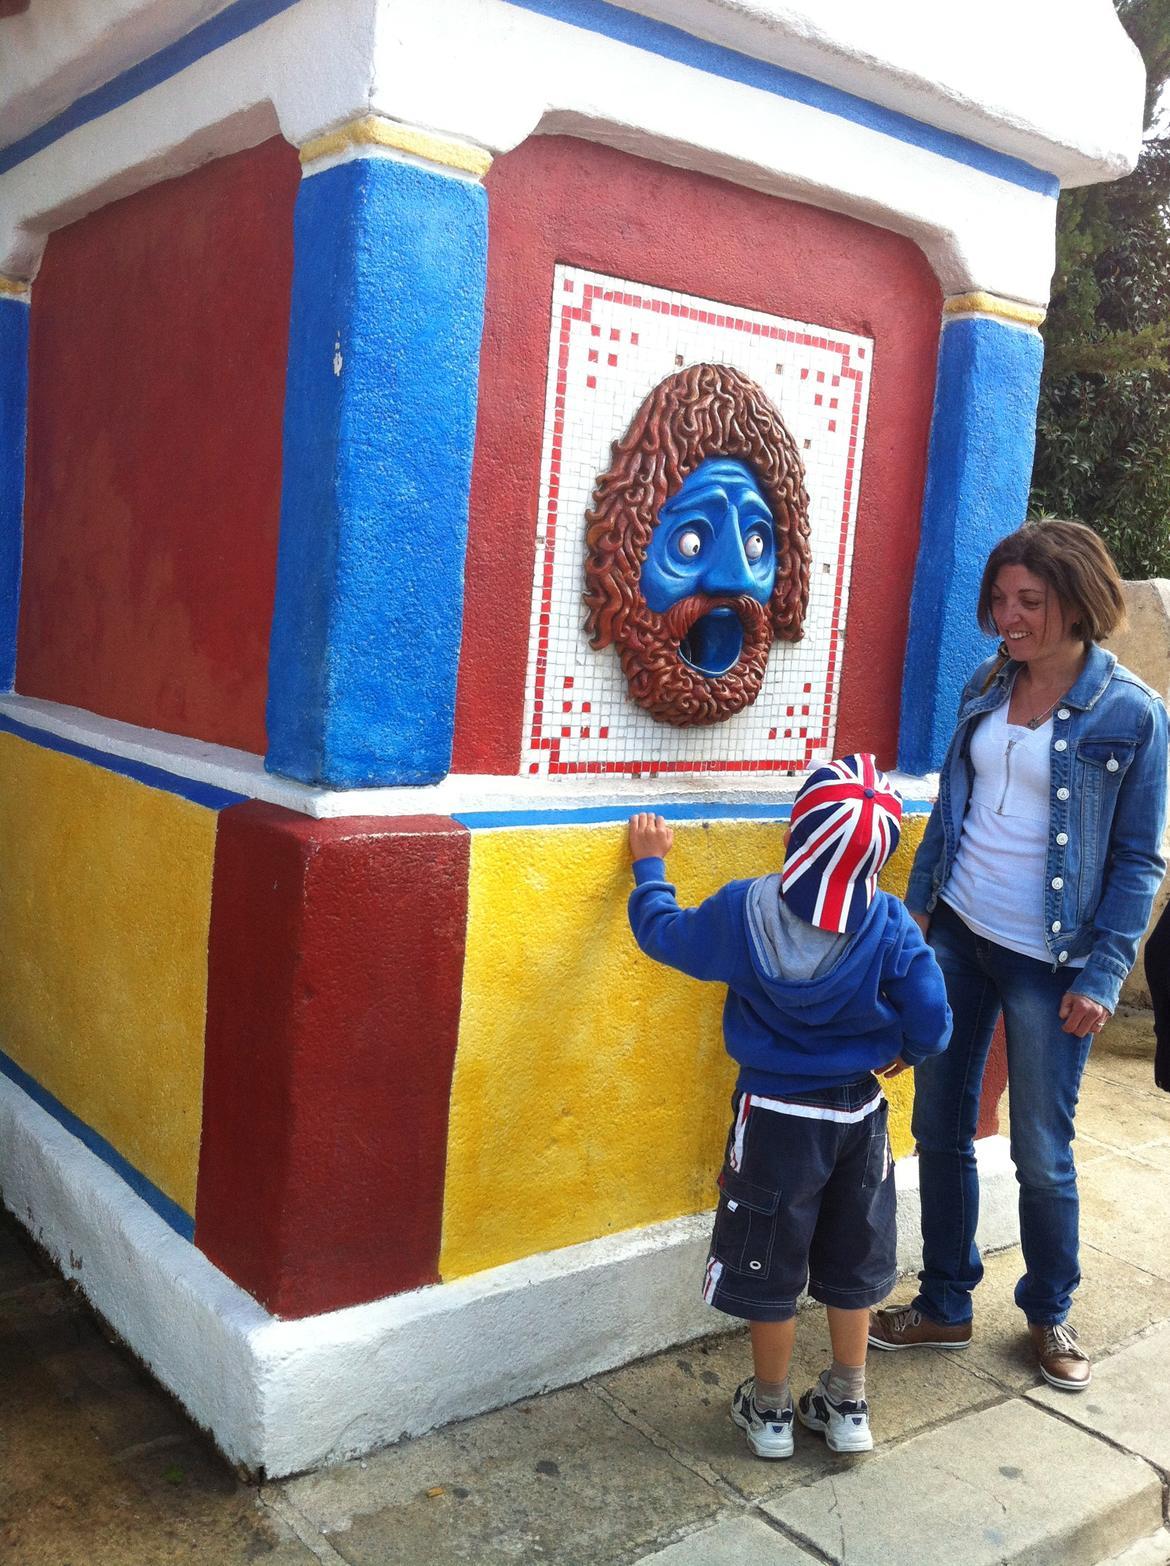 Première journée blogueurs au Parc Asterix, organisée par Marilyne Lacaze, ex Disneylandparis, Responsable Digital et Social Media à la Compagnie des Alpes. 6